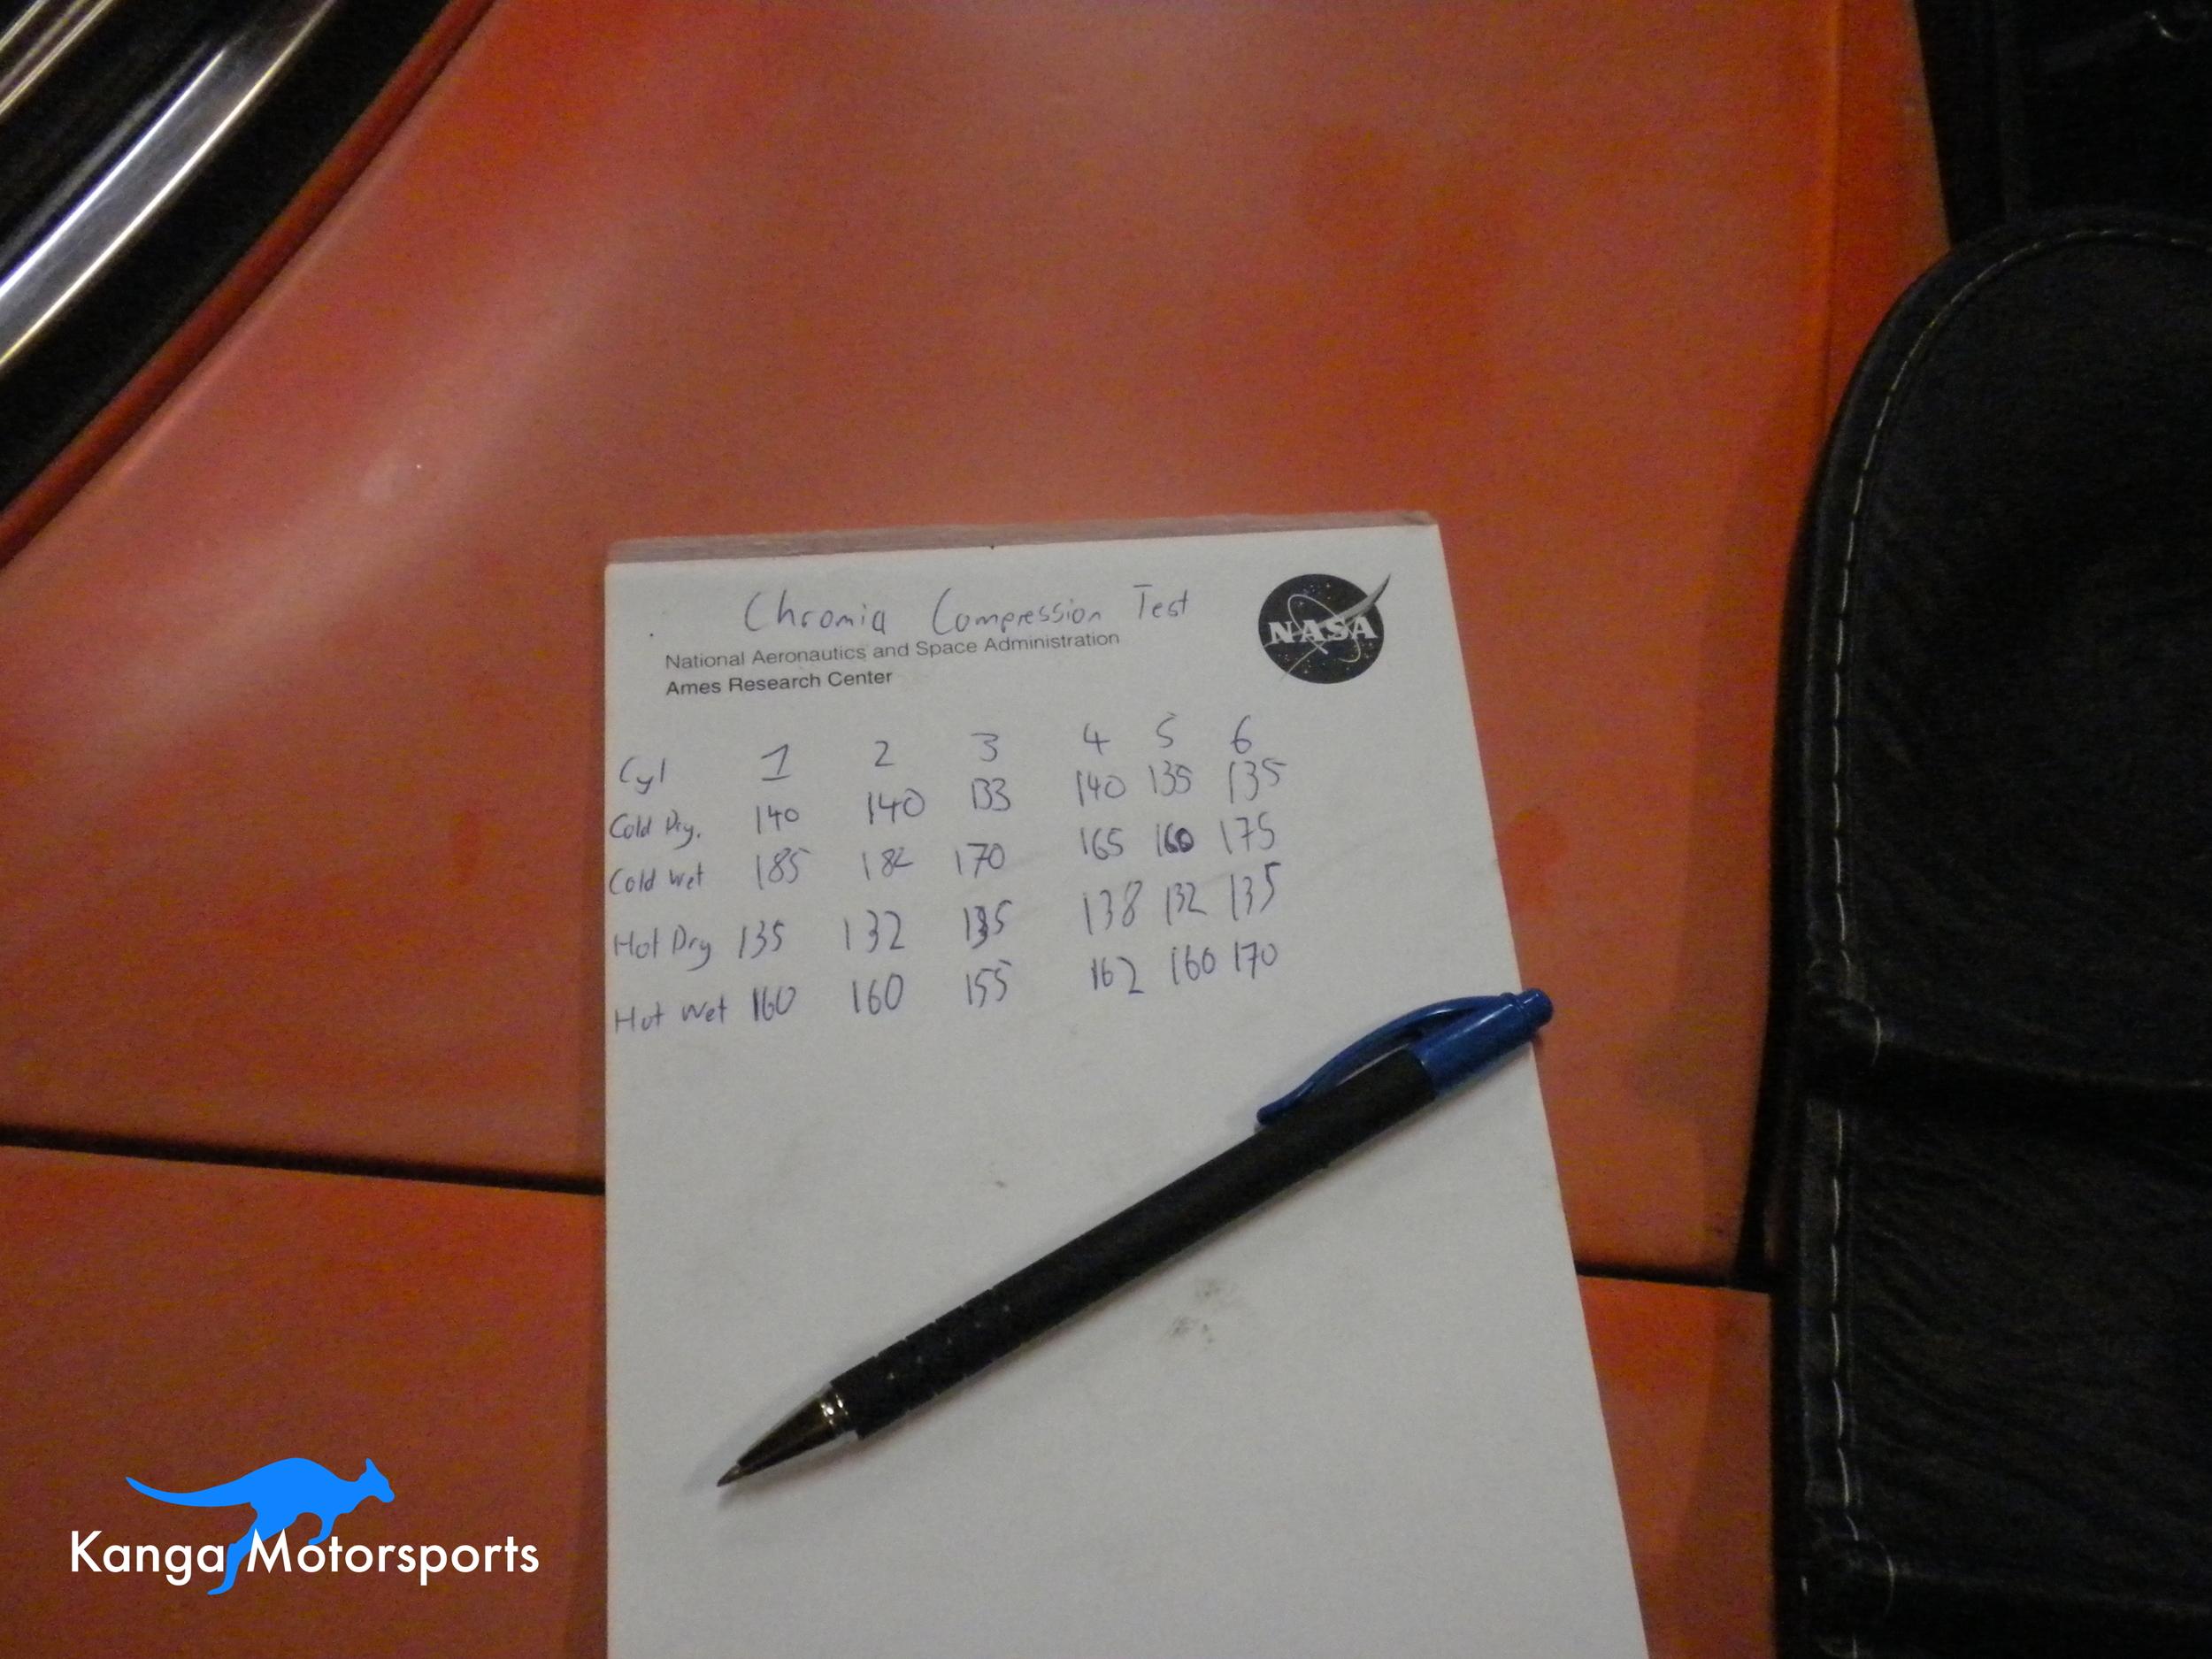 Datsun 240z Compression Check.JPG